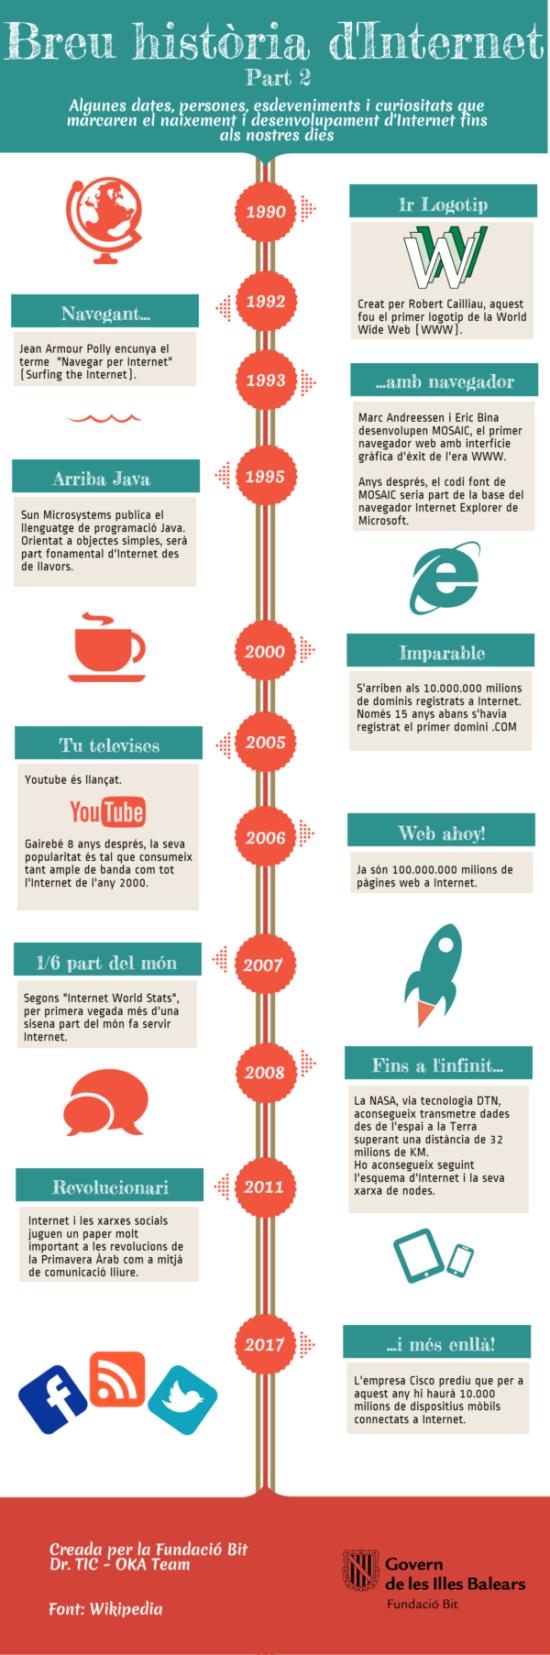 Infografia sobre Internet  (3)